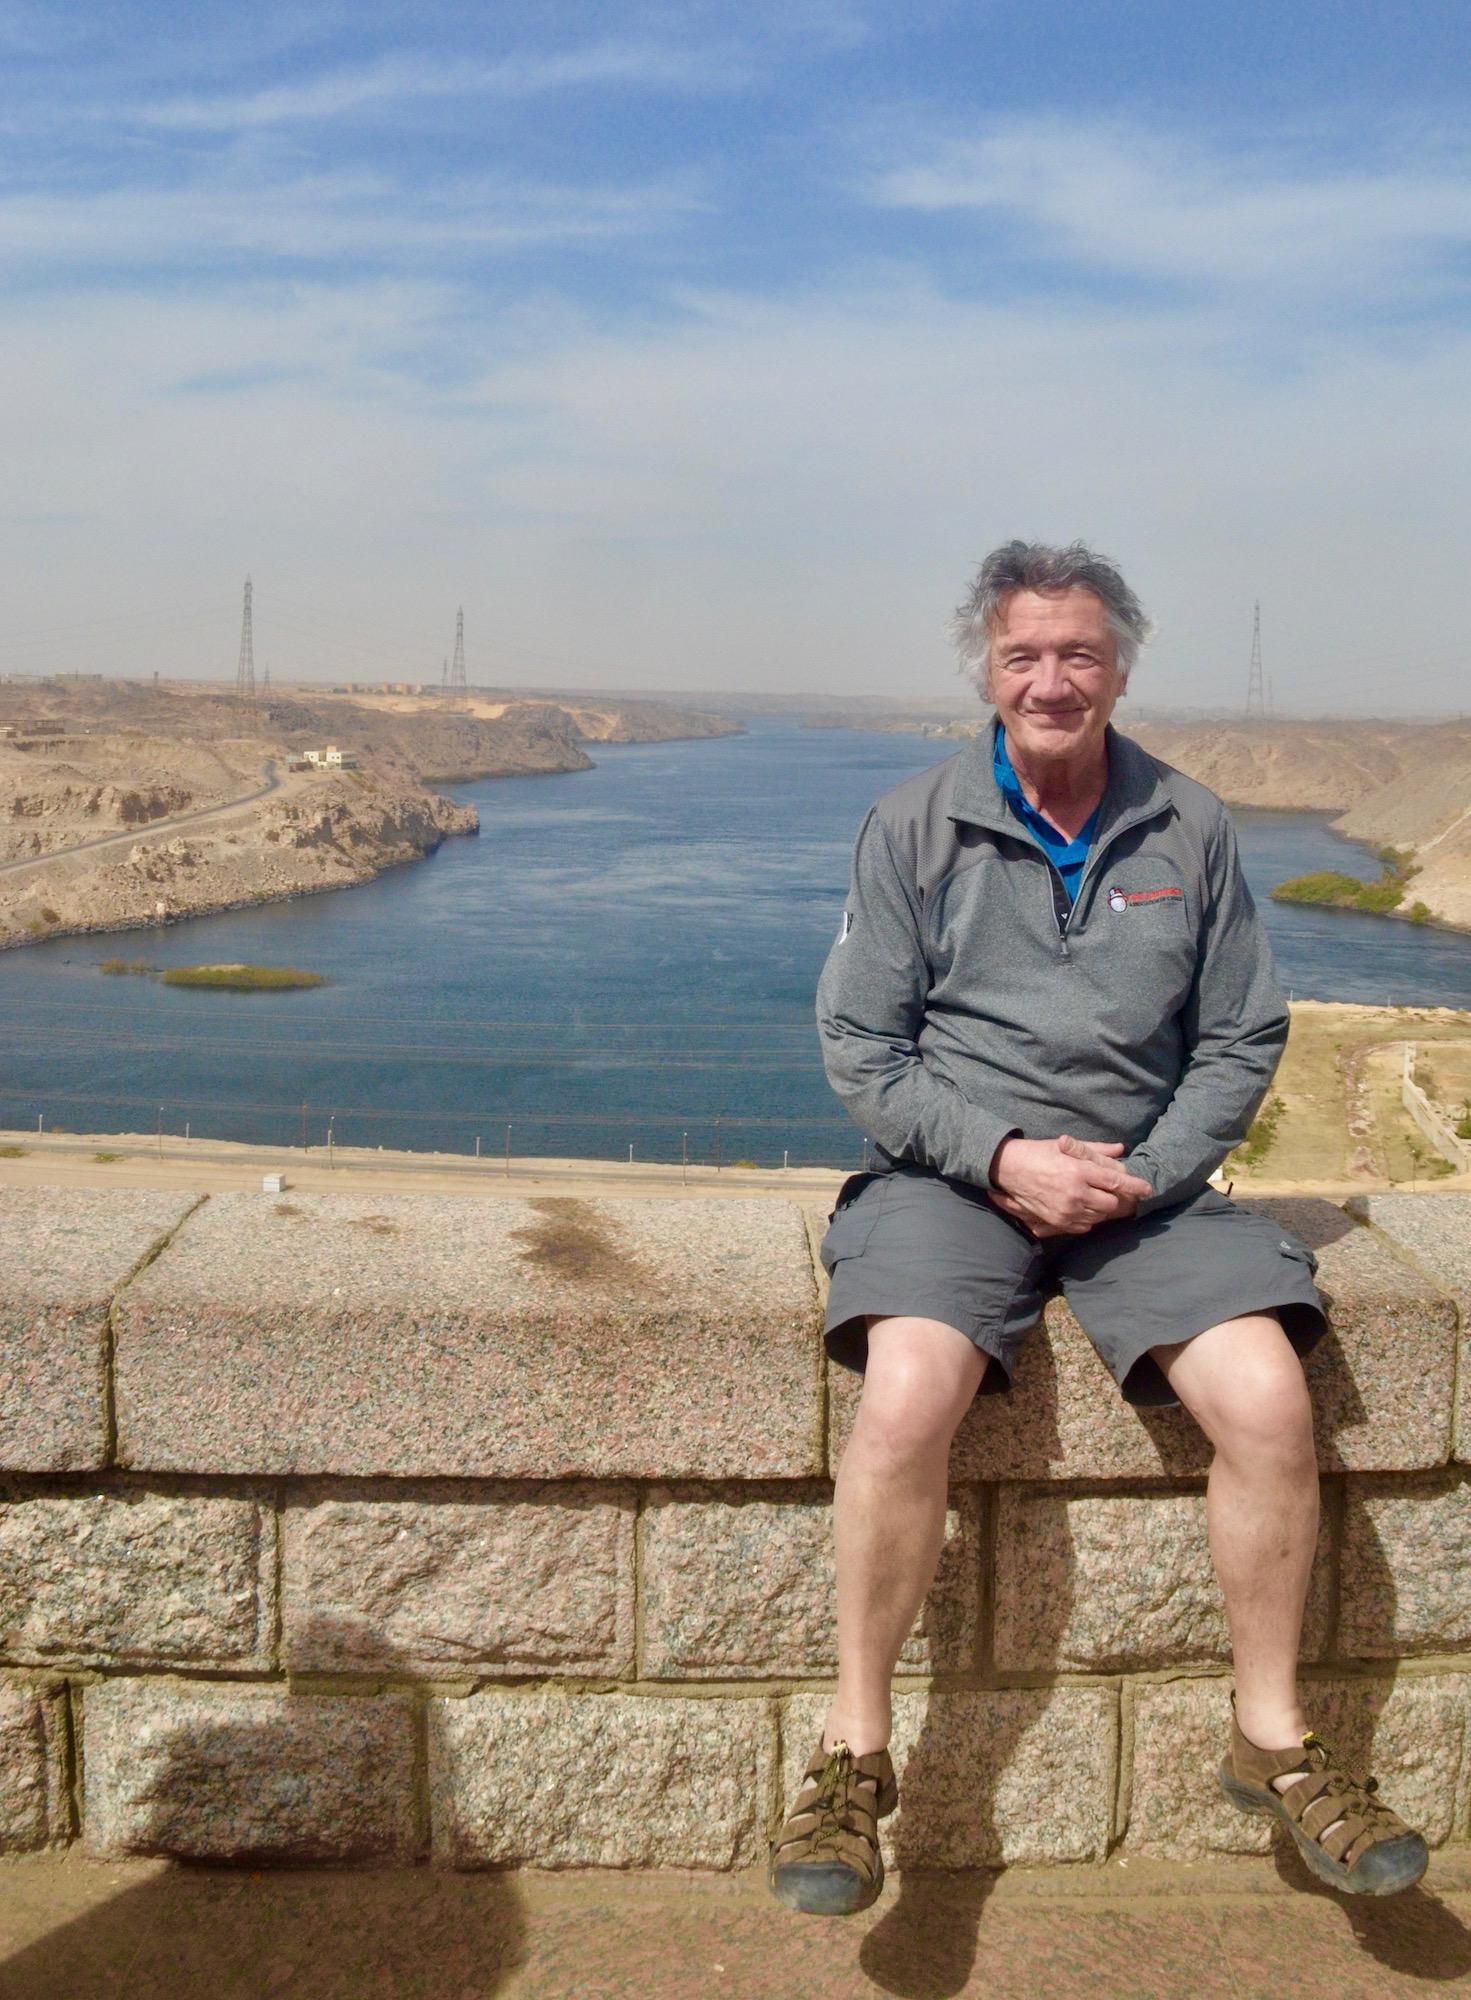 At the Aswan High Dam